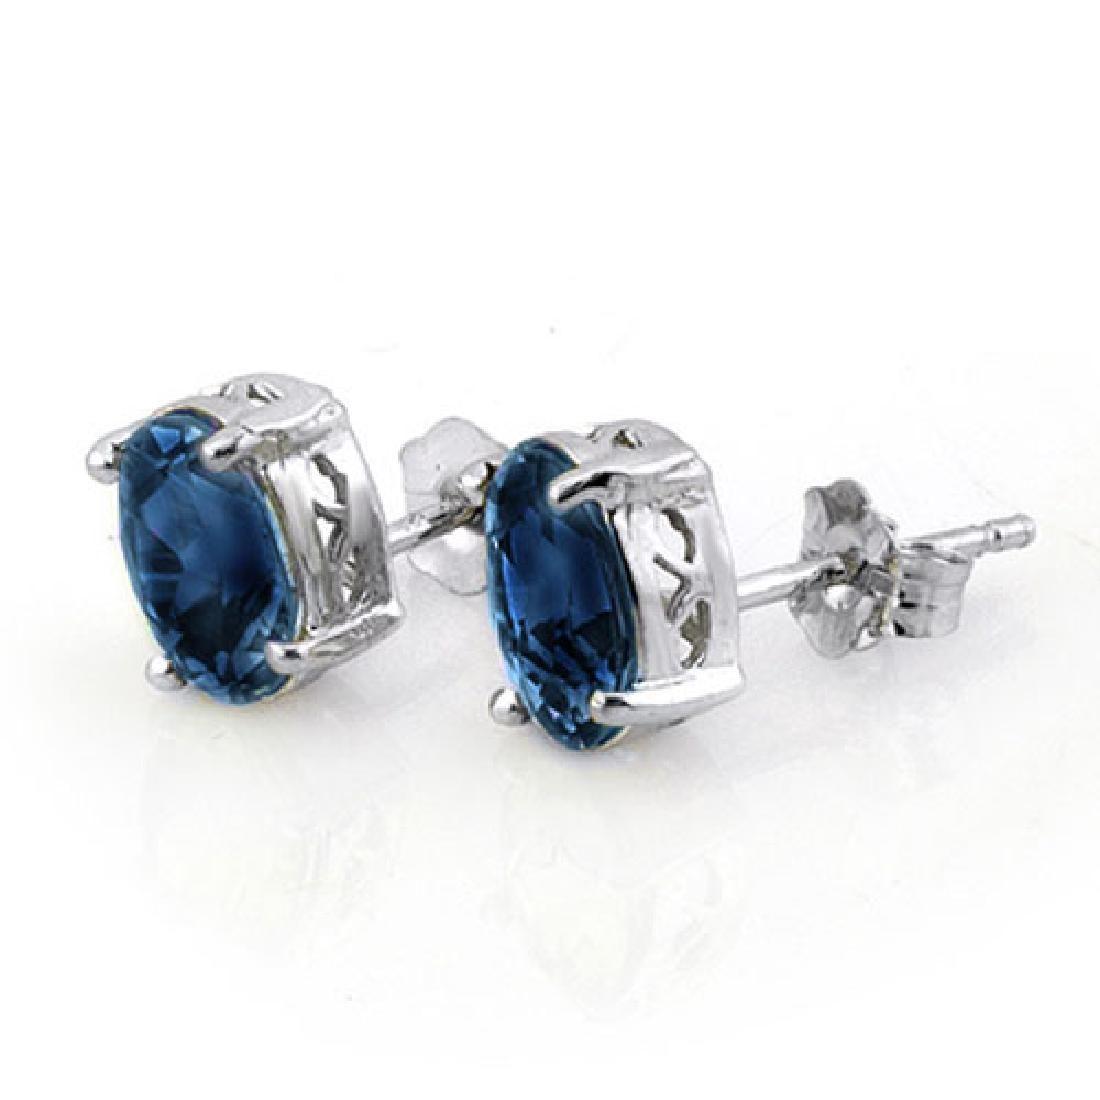 3.0 CTW Blue Sapphire Earrings 18K White Gold -